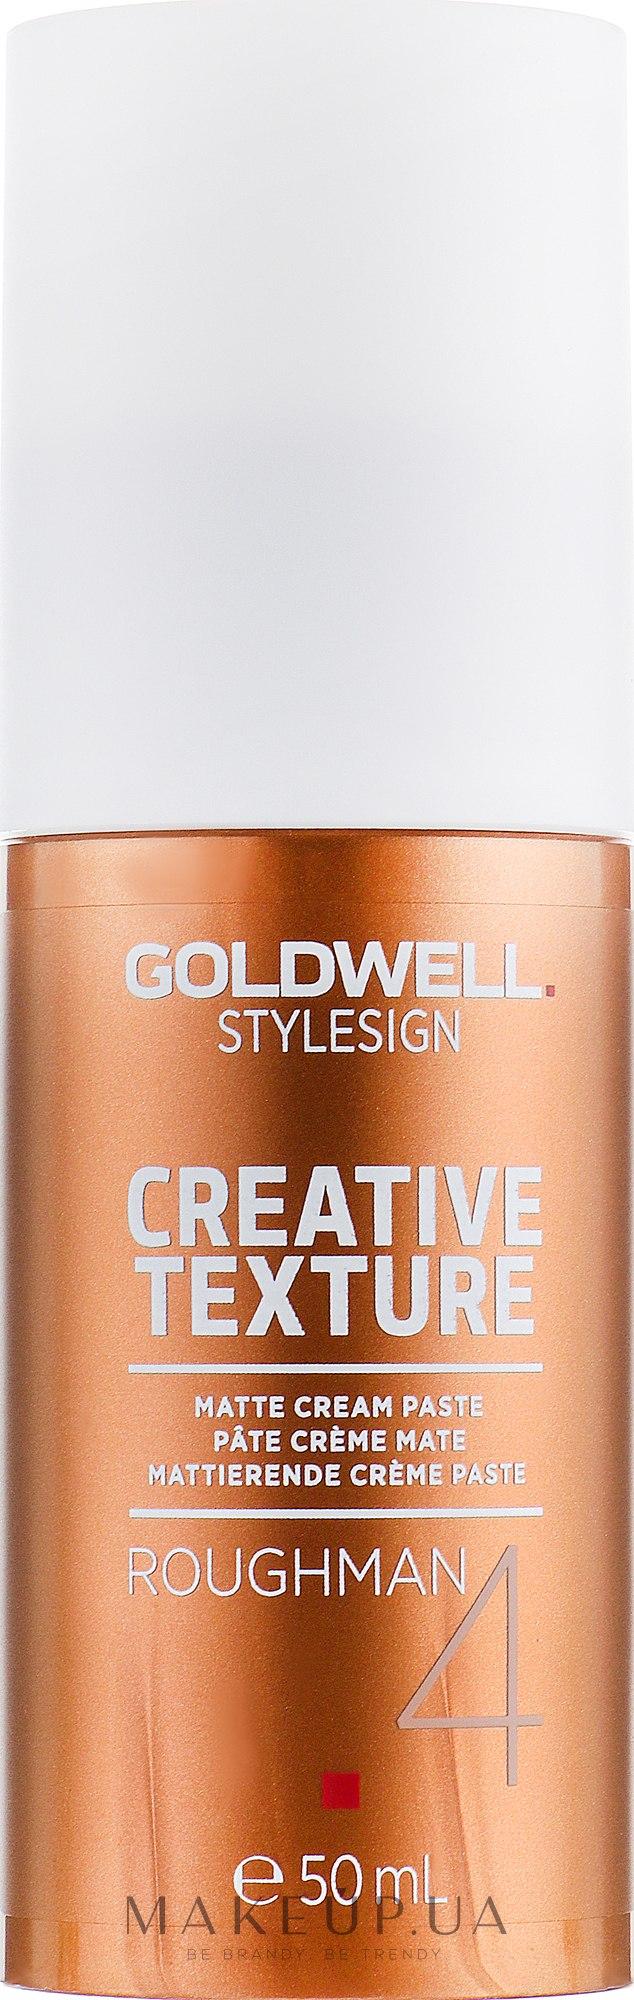 Матова крем-паста сильної фіксації - Goldwell Style Sign Texture Roughman — фото 50ml